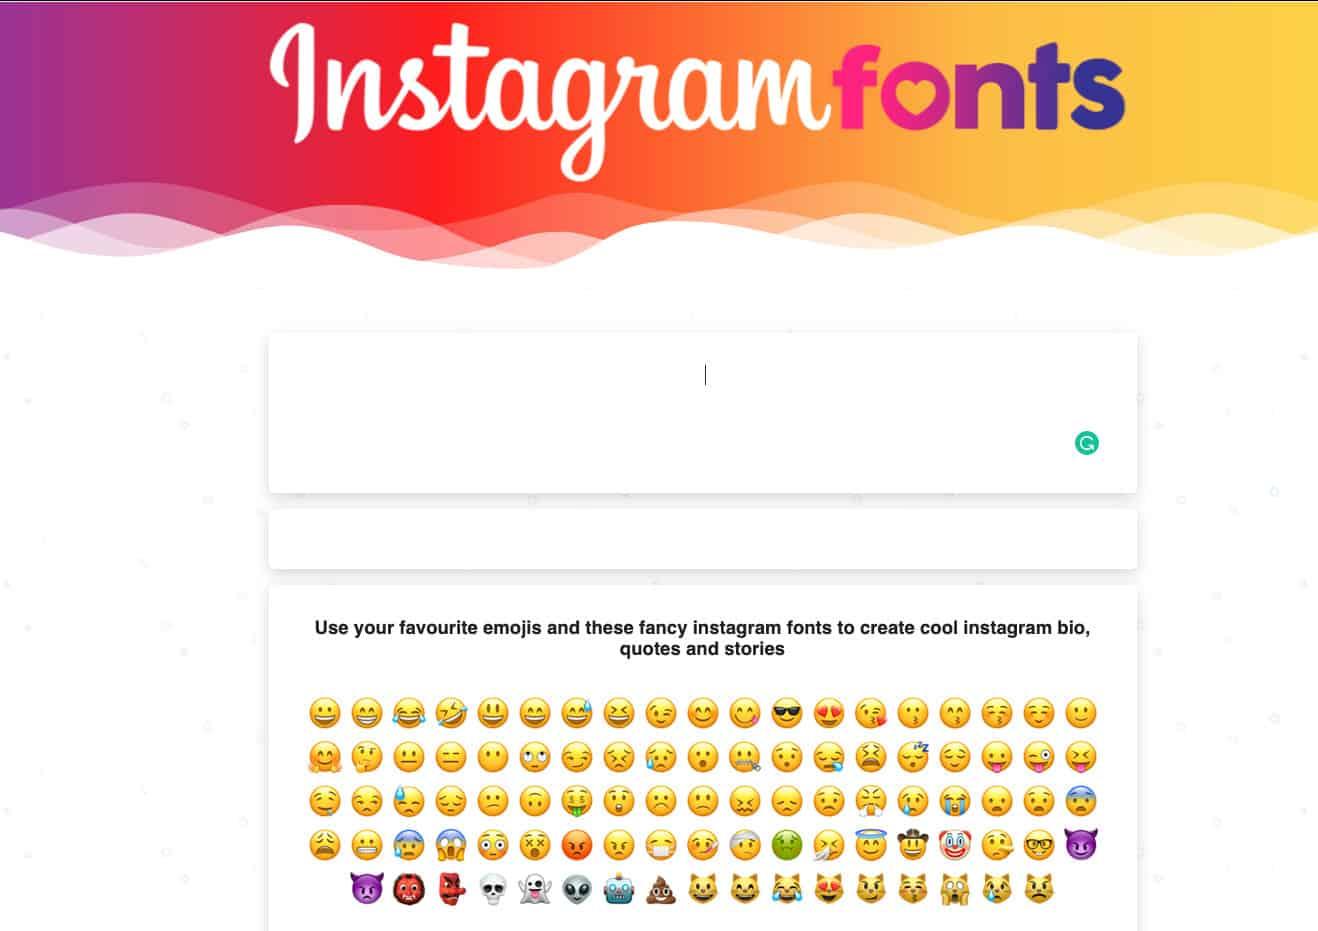 Instagram fonts generator example 4.